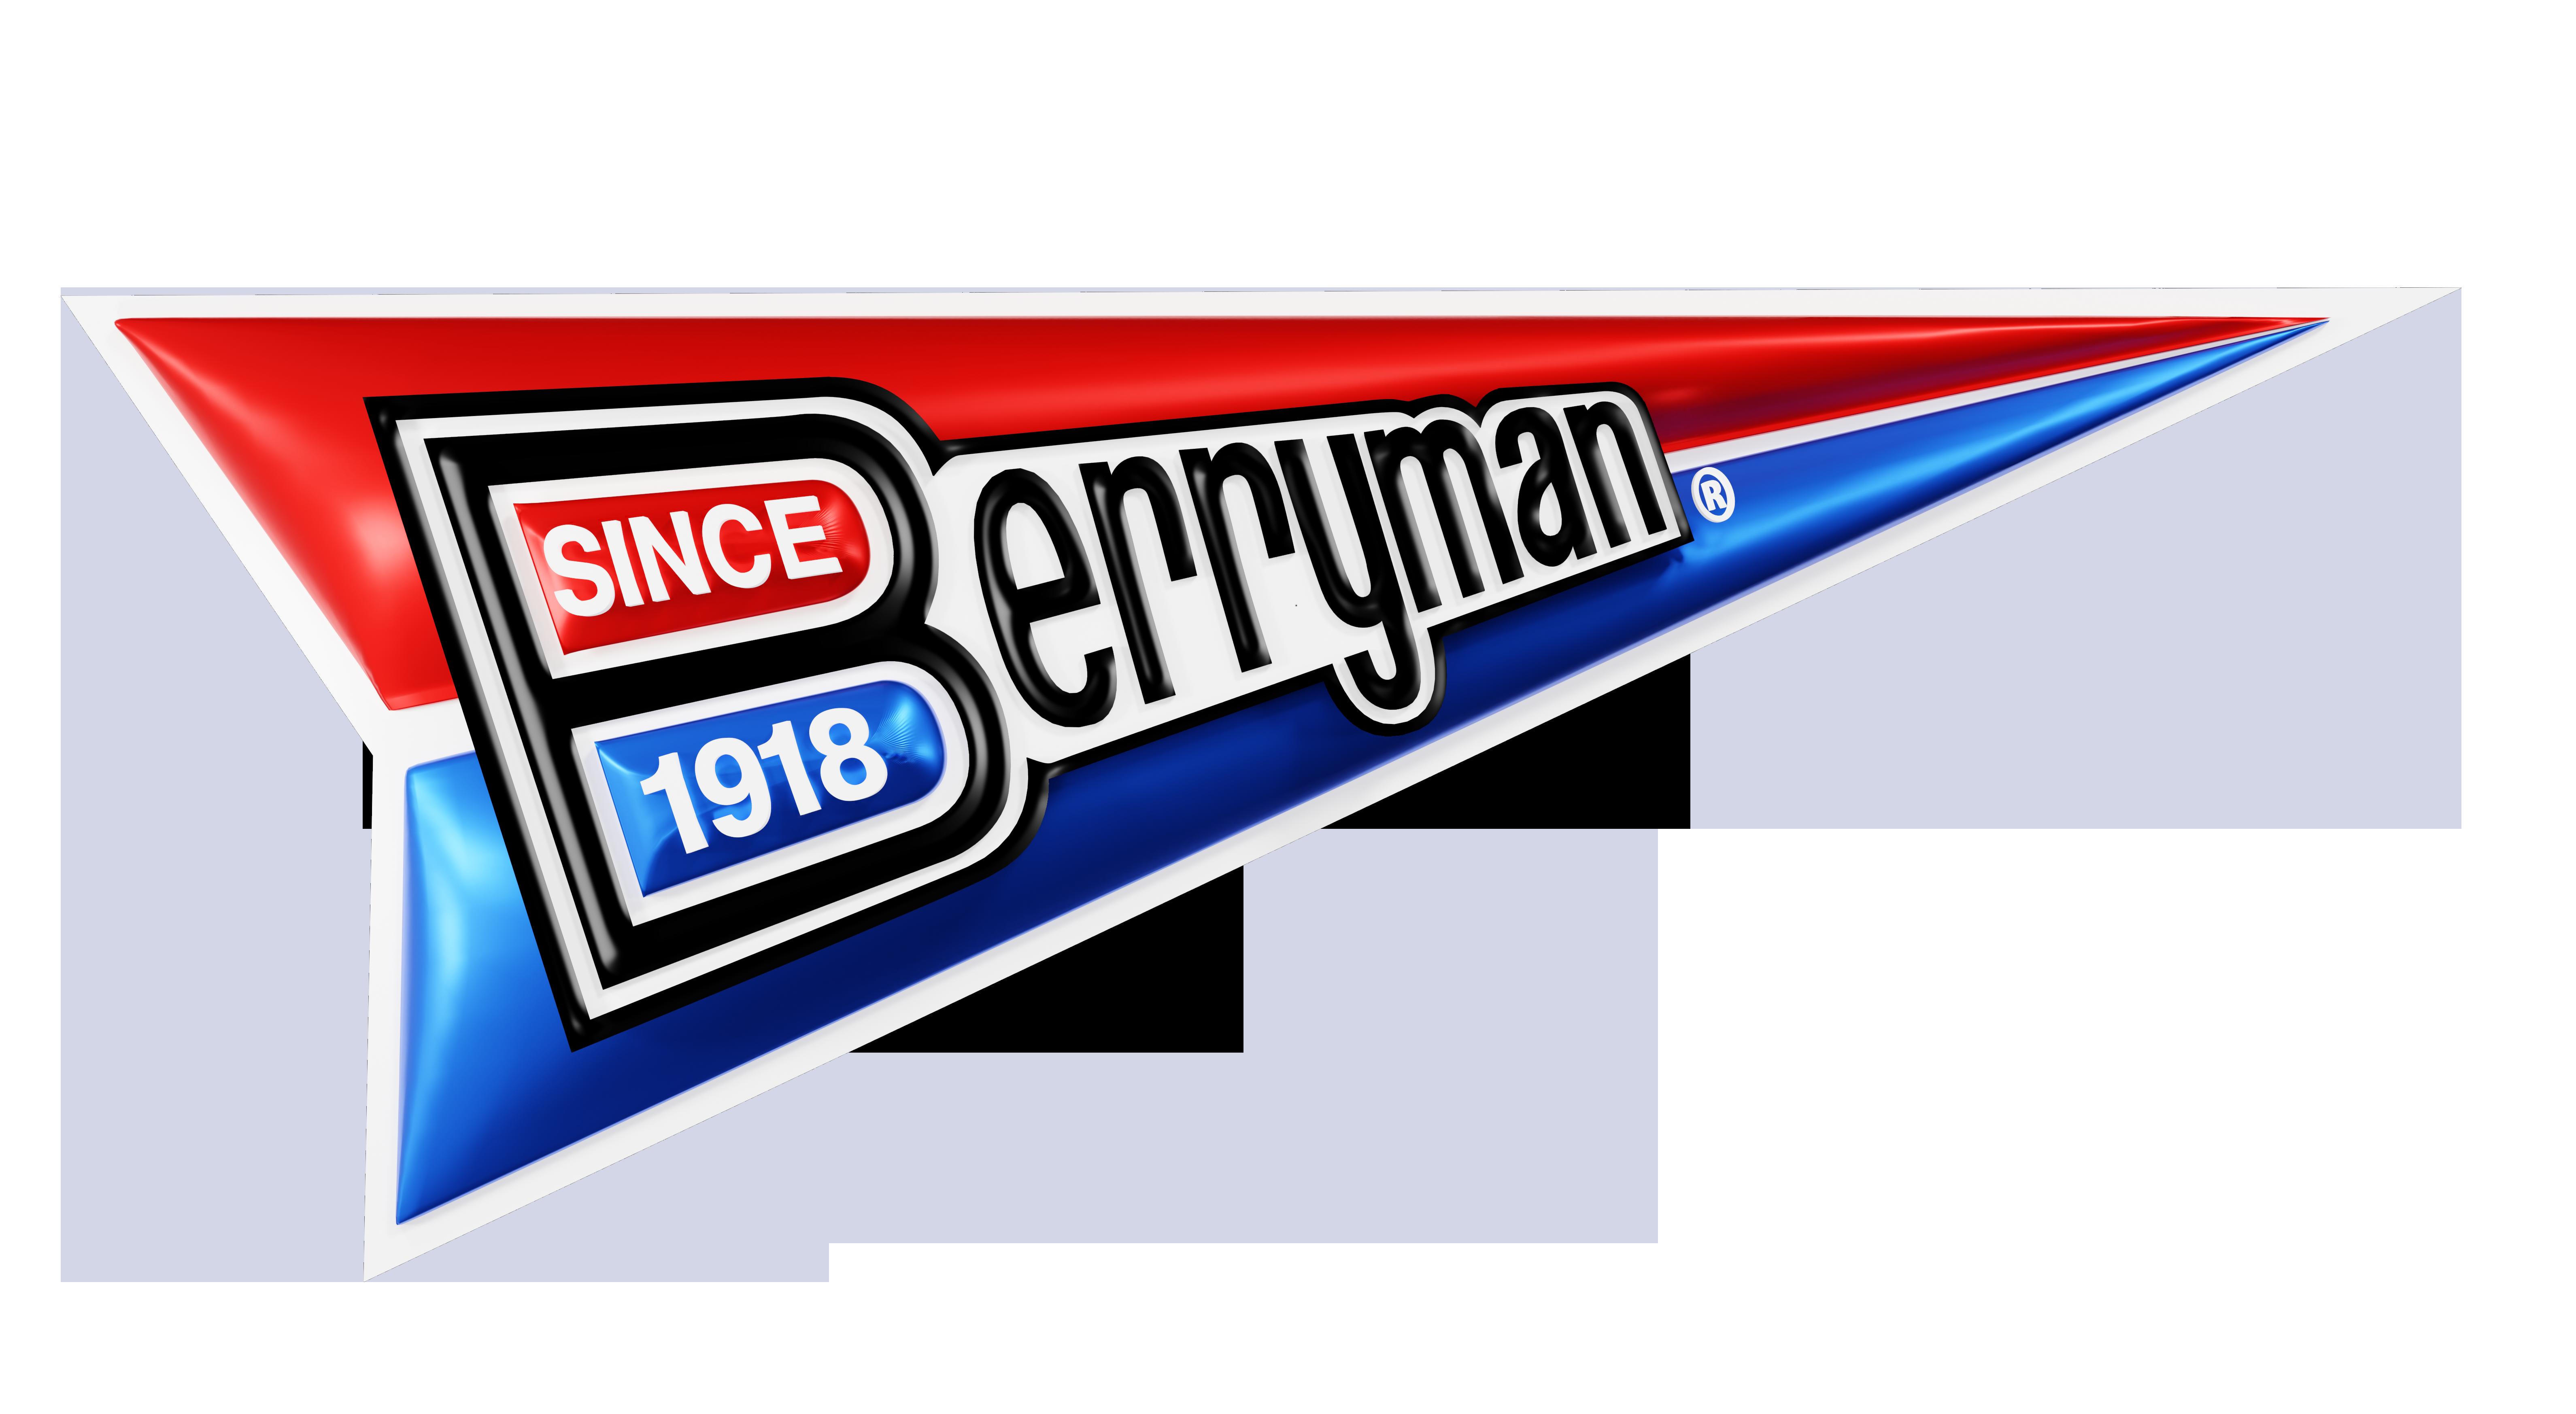 Berryman